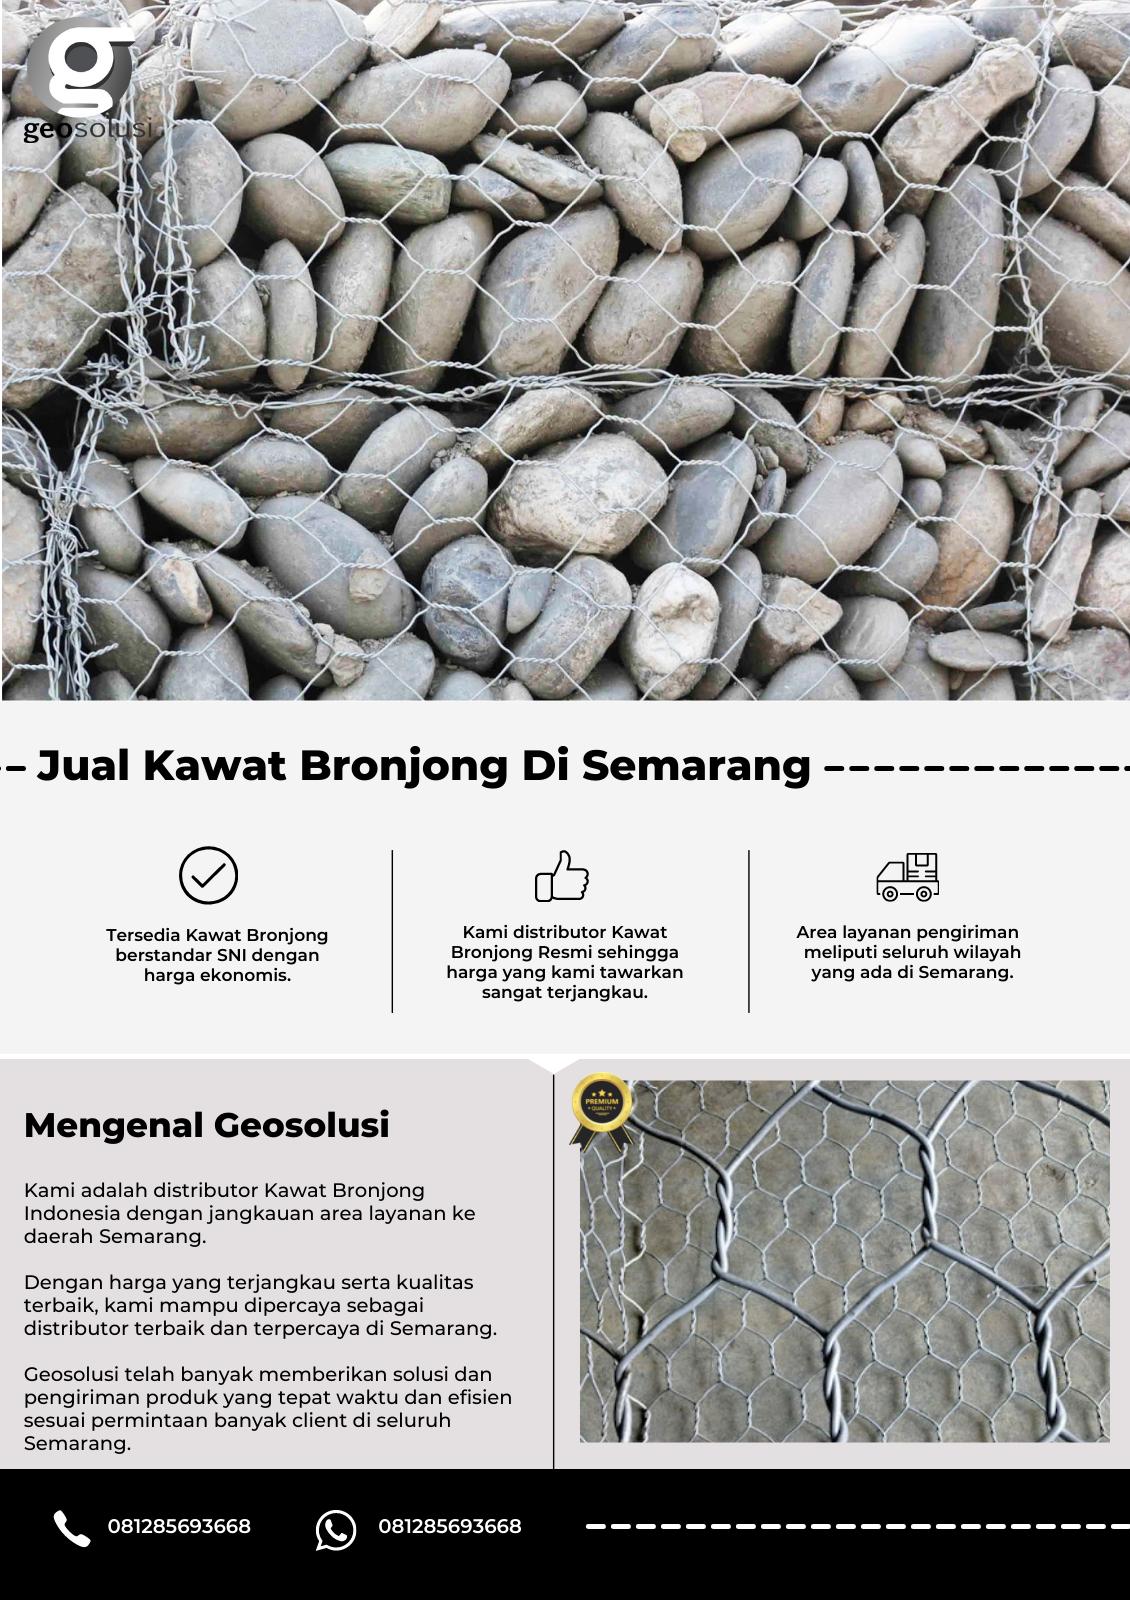 Kawat Bronjong Di Semarang